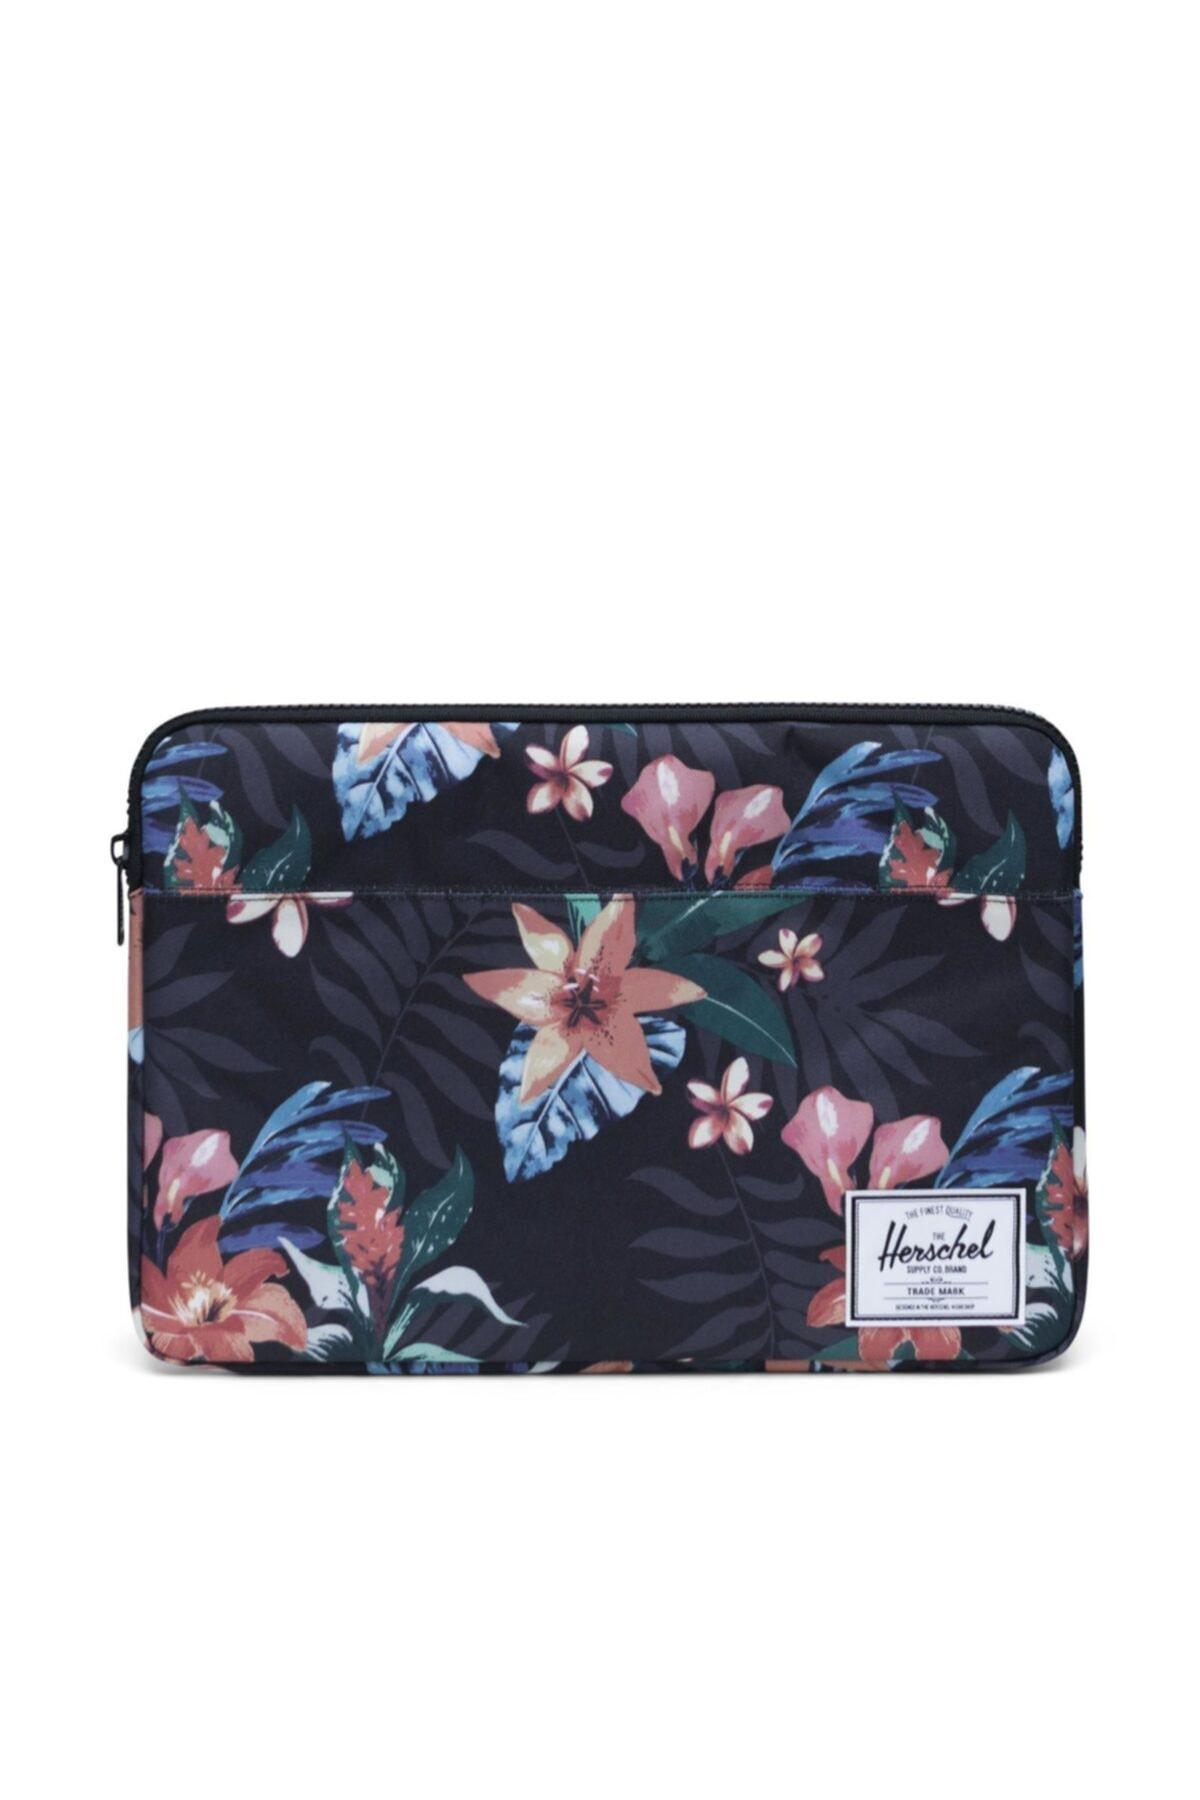 Herschel Supply Co. Herschel Supply Laptop Kılıfı Anchor Sleeve For 15 Inch Macbook Summer Floral Black 1